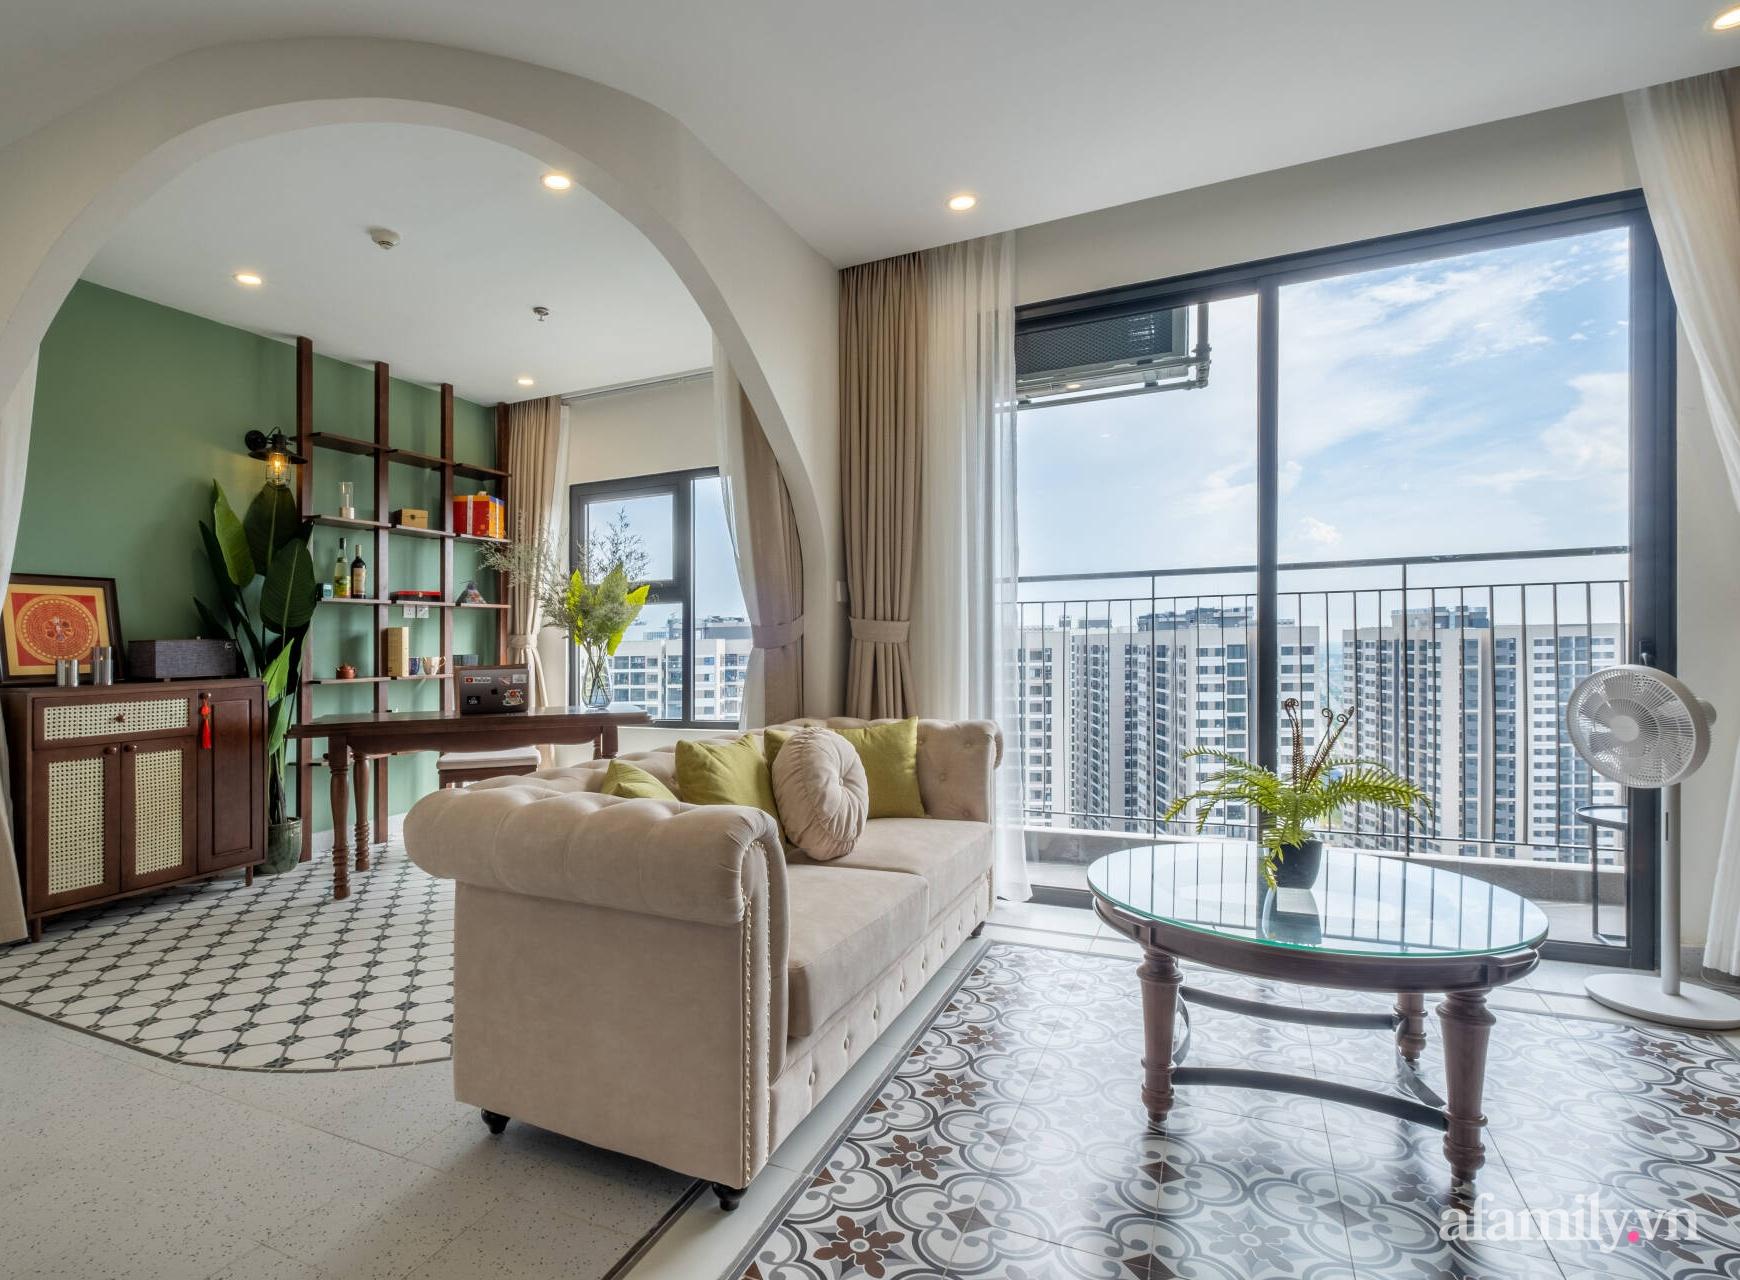 Căn hộ 3 phòng ngủ đẹp tinh tế với phong cách Indochine ở Vinhomes Ocean Park, Hà Nội - Ảnh 2.